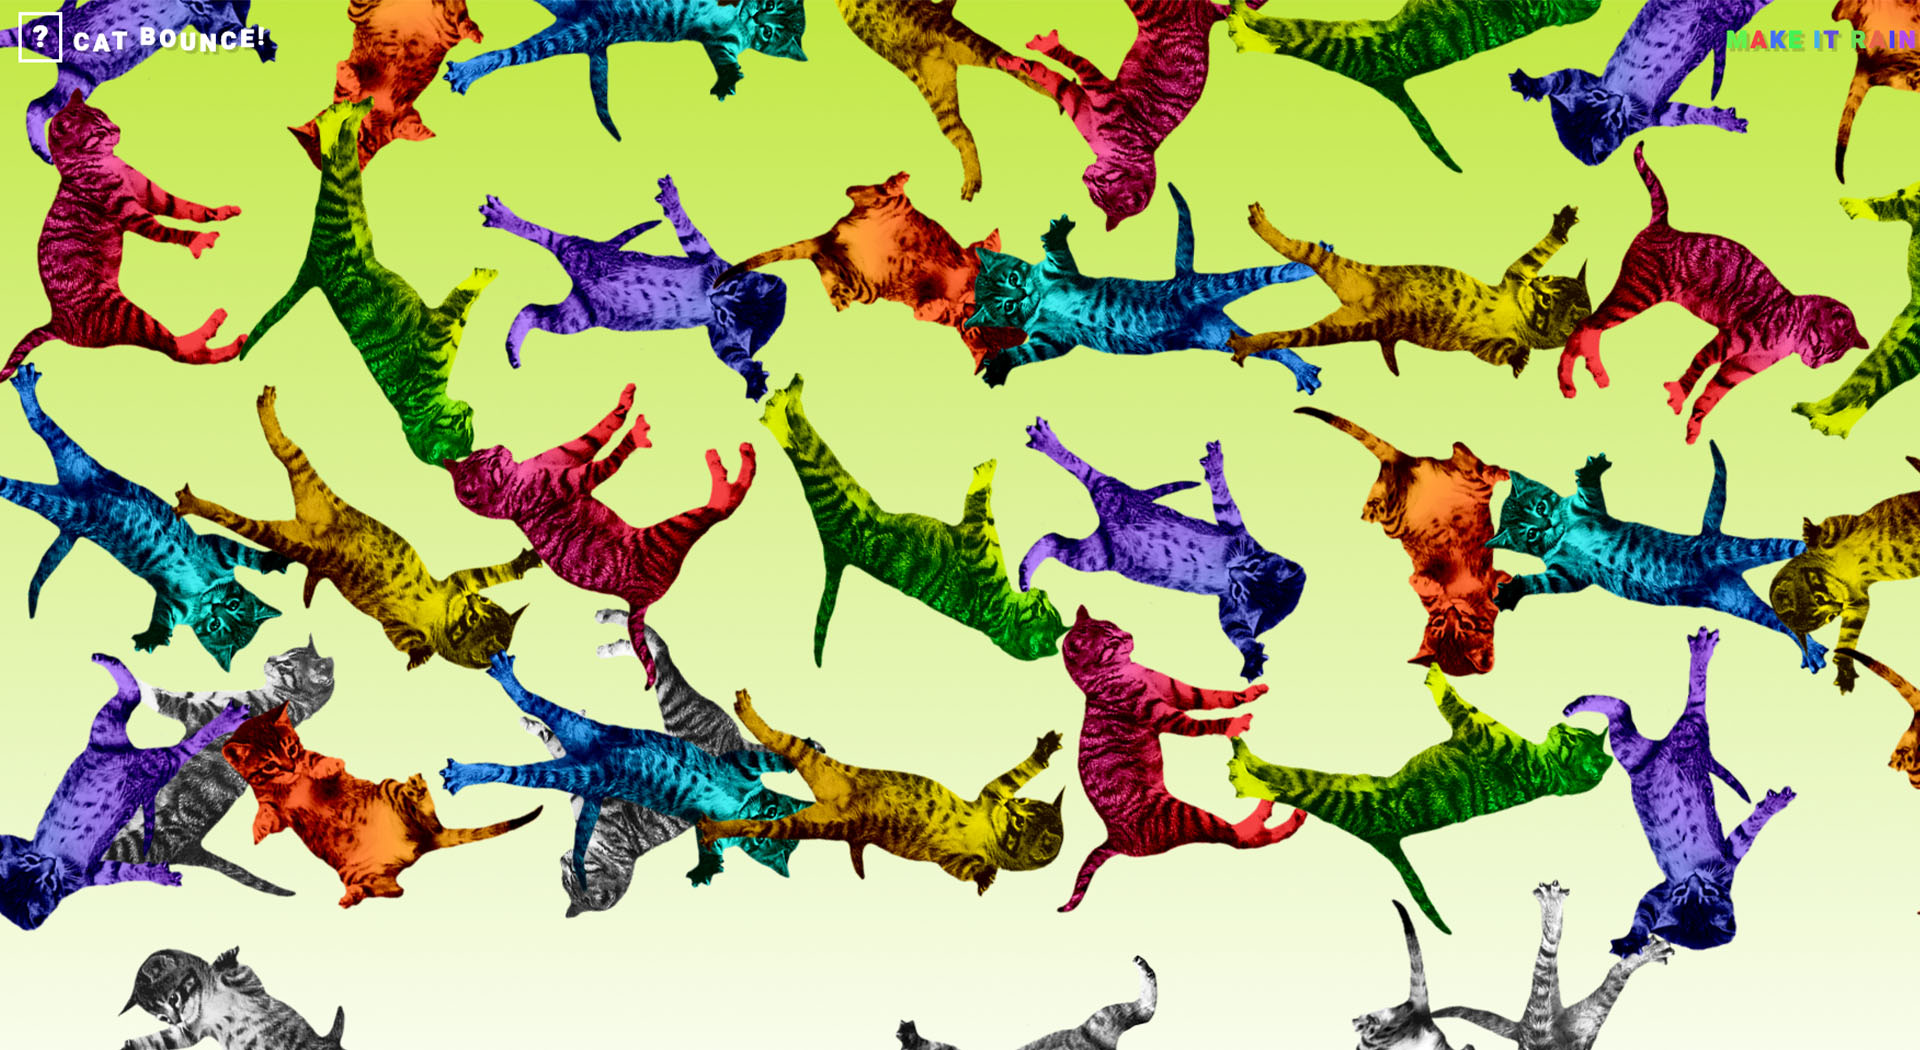 Cat Bounce: laugh website